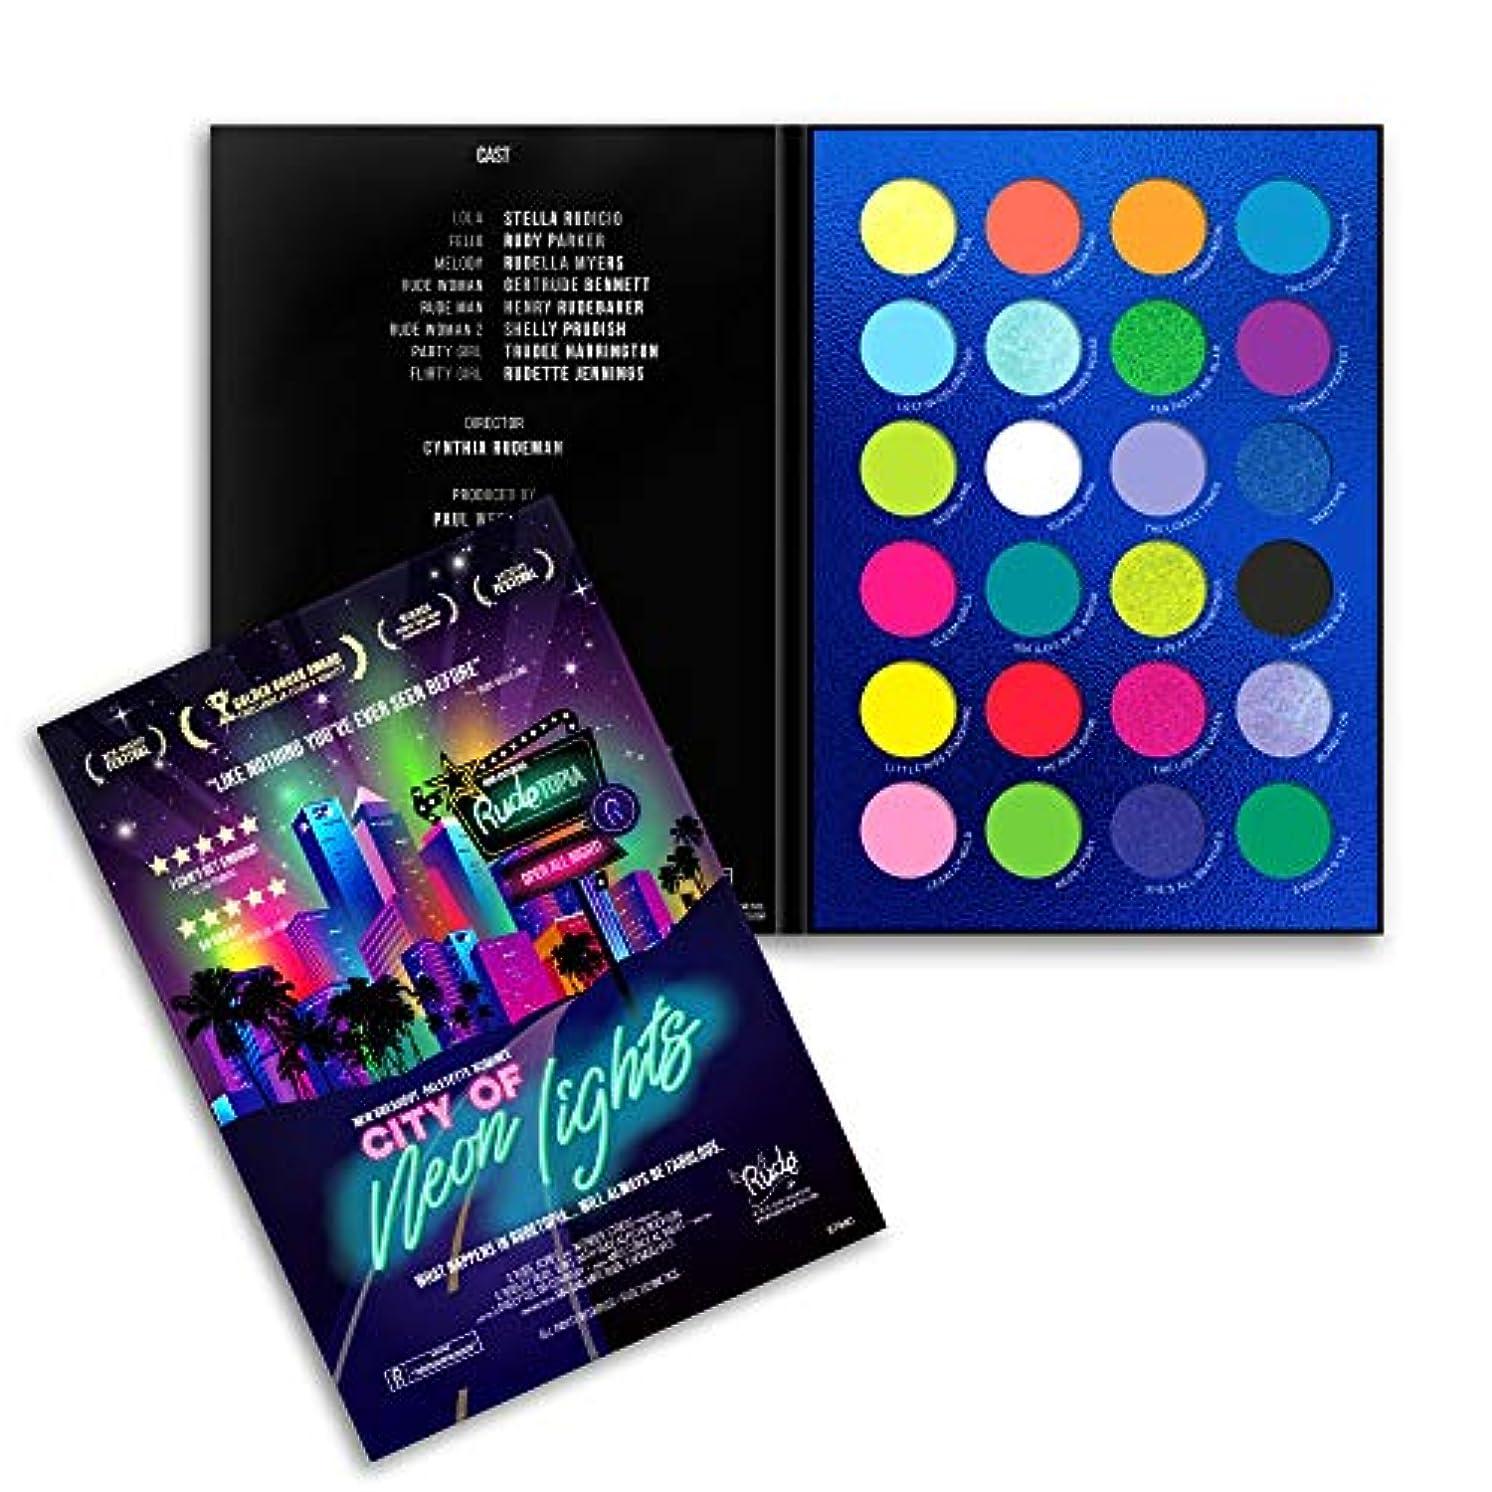 つま先乞食語RUDE City of Neon Lights - 24 Vibrant Pigment & Eyeshadow Palette (並行輸入品)